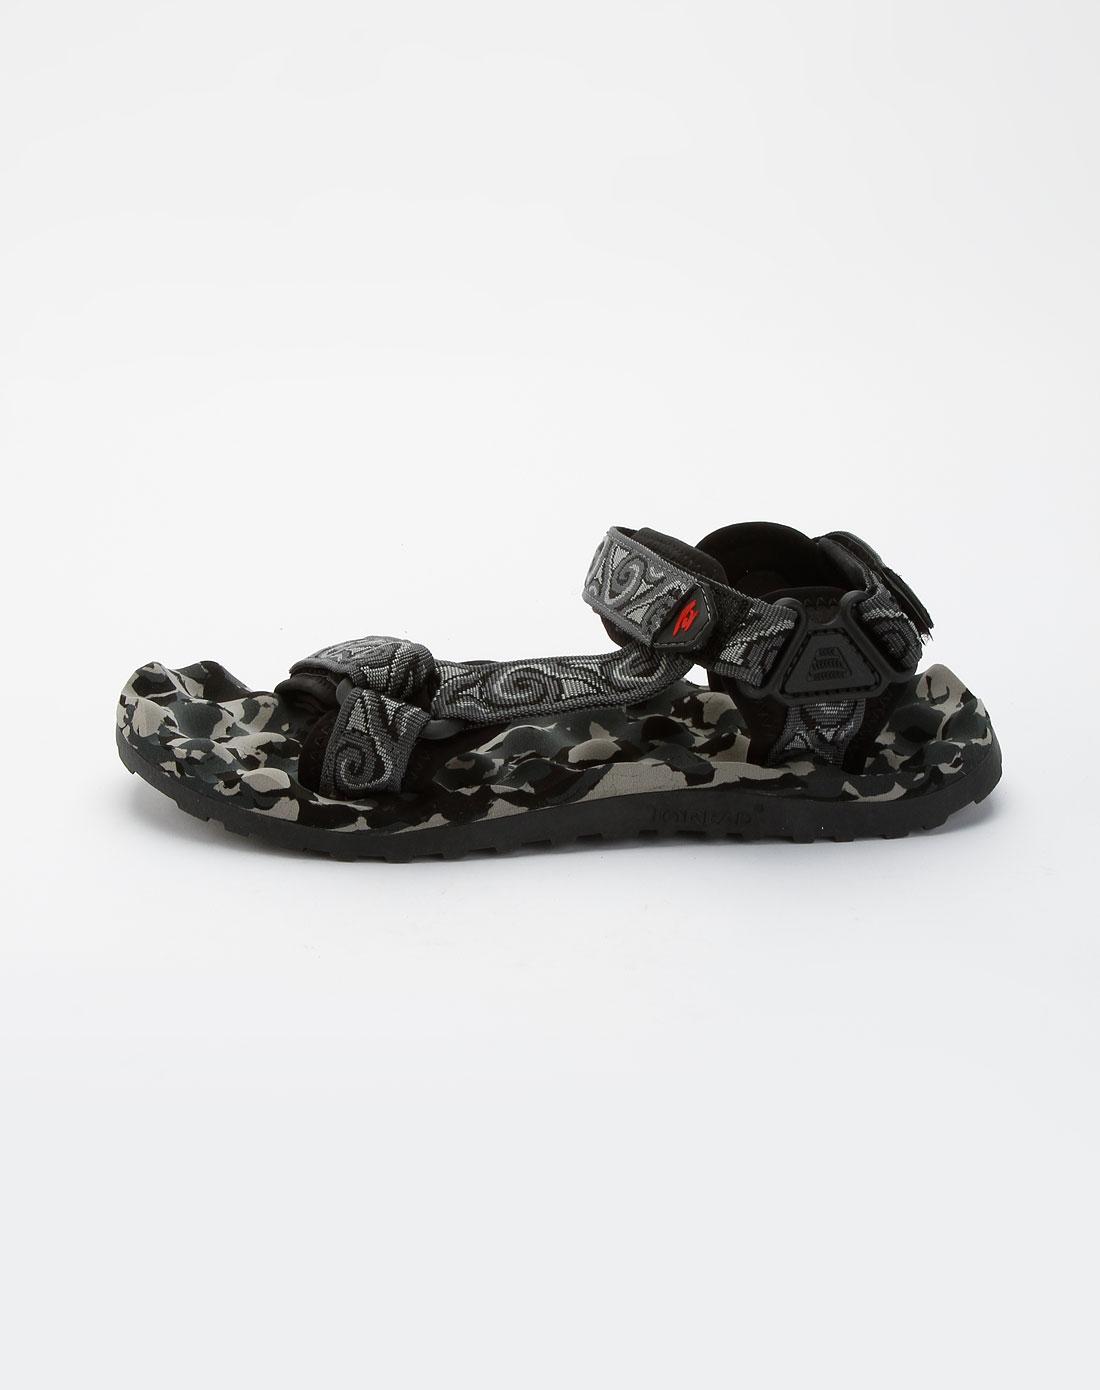 探路者toread深灰色迷彩魔术贴沙滩凉鞋